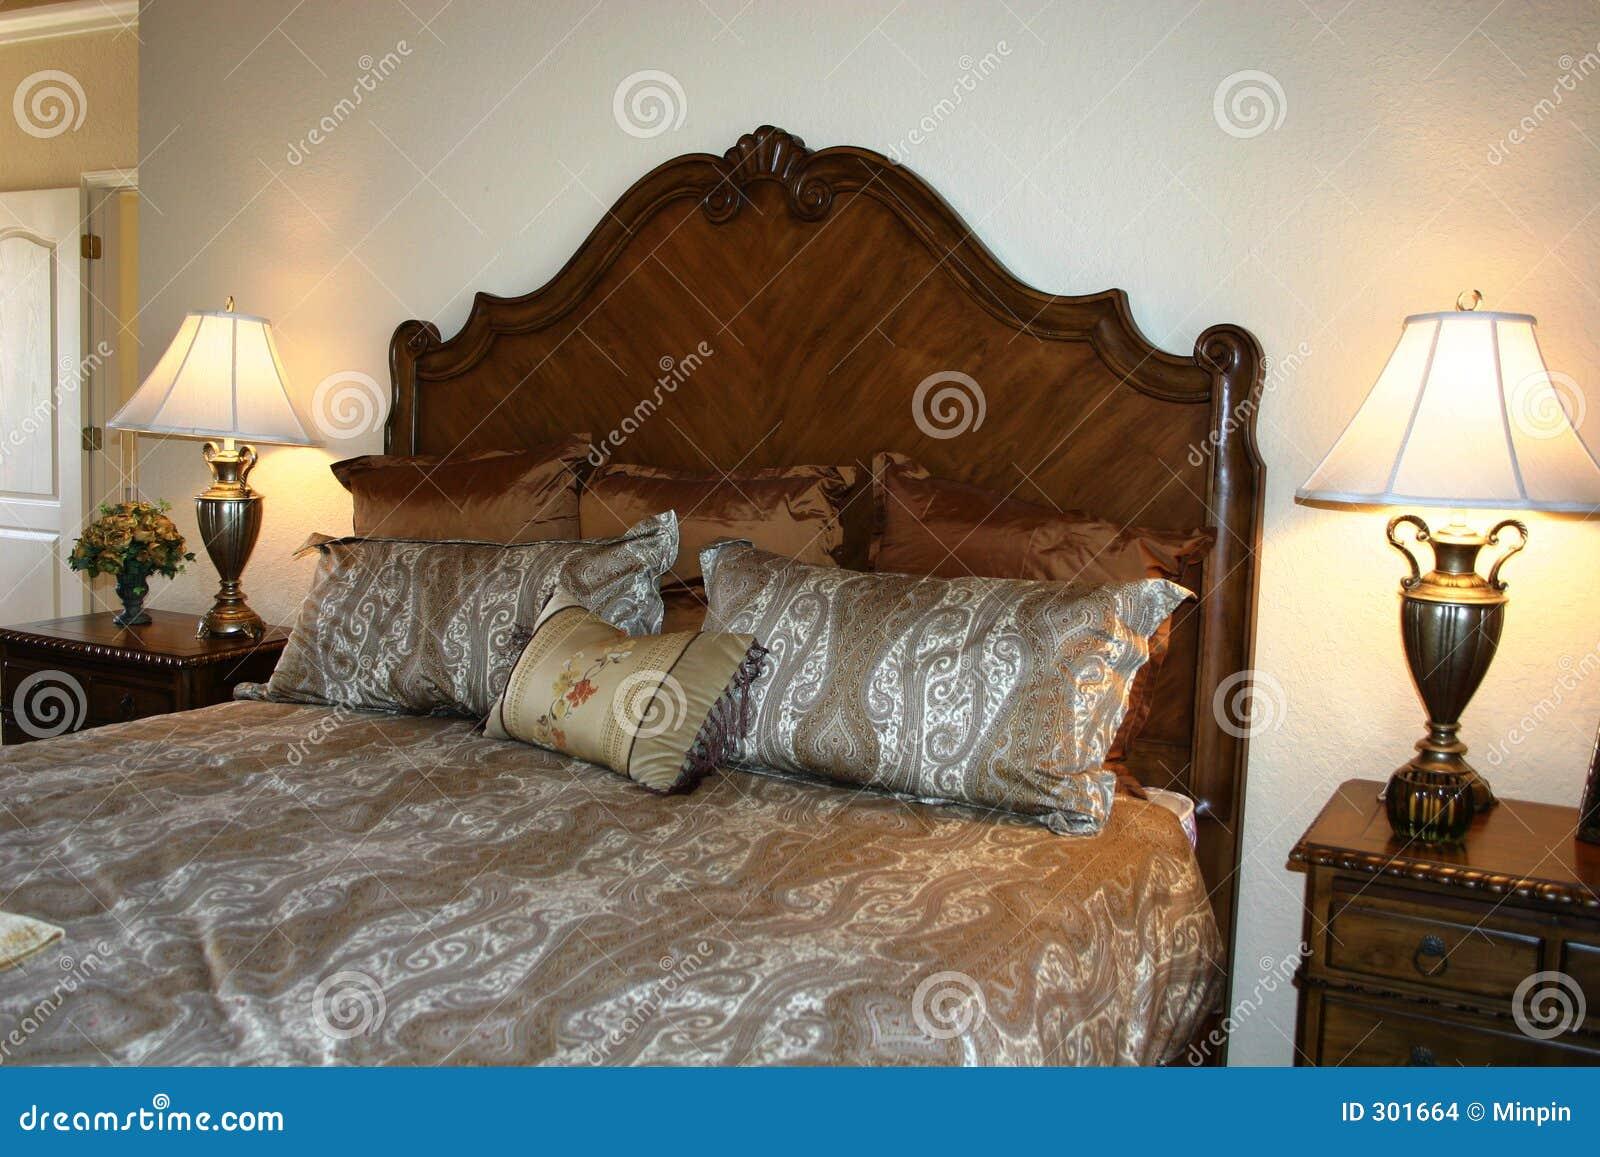 Mooie Slaapkamer Stock Afbeeldingen - Afbeelding: 301664